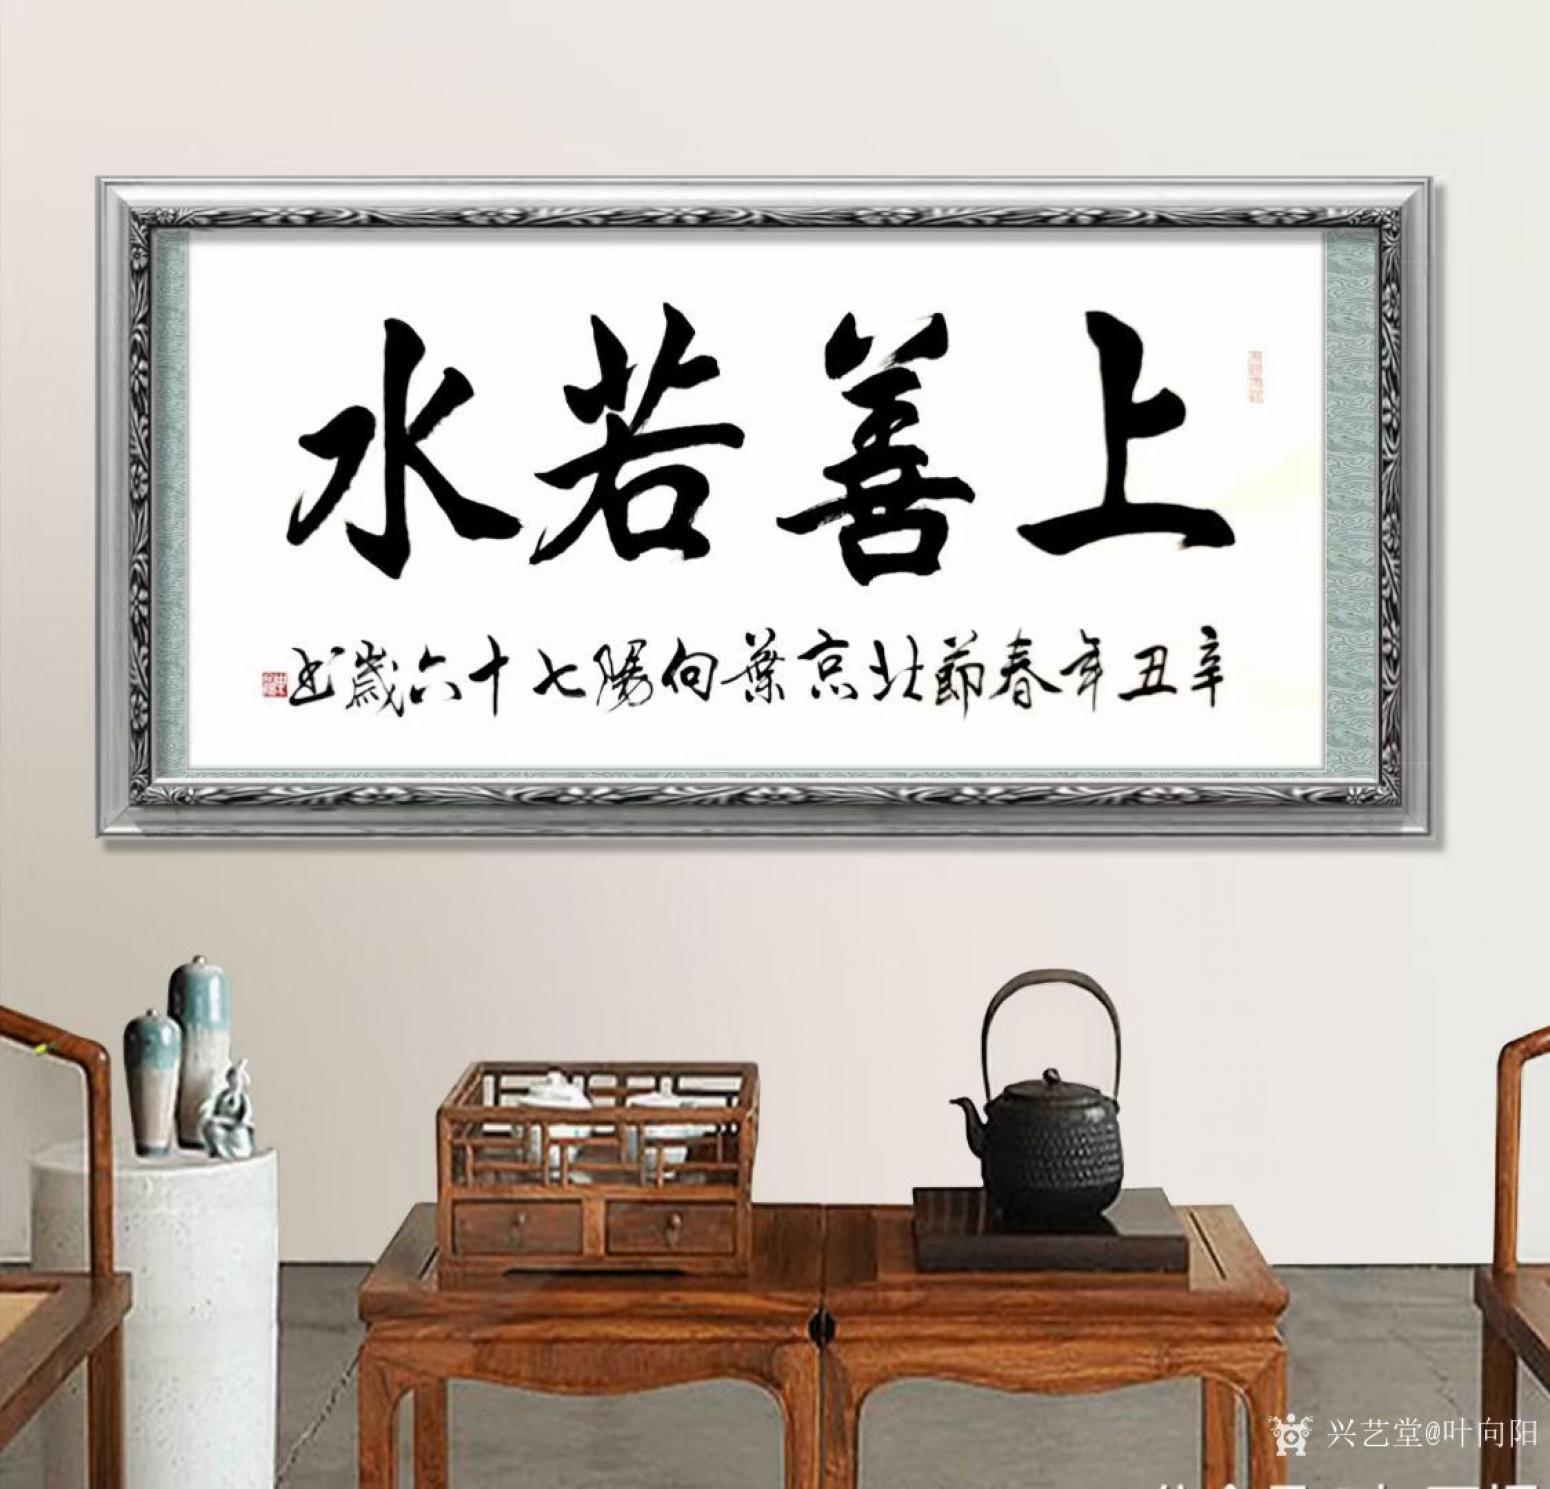 叶向阳书法作品《隶书-上善若水》【图2】